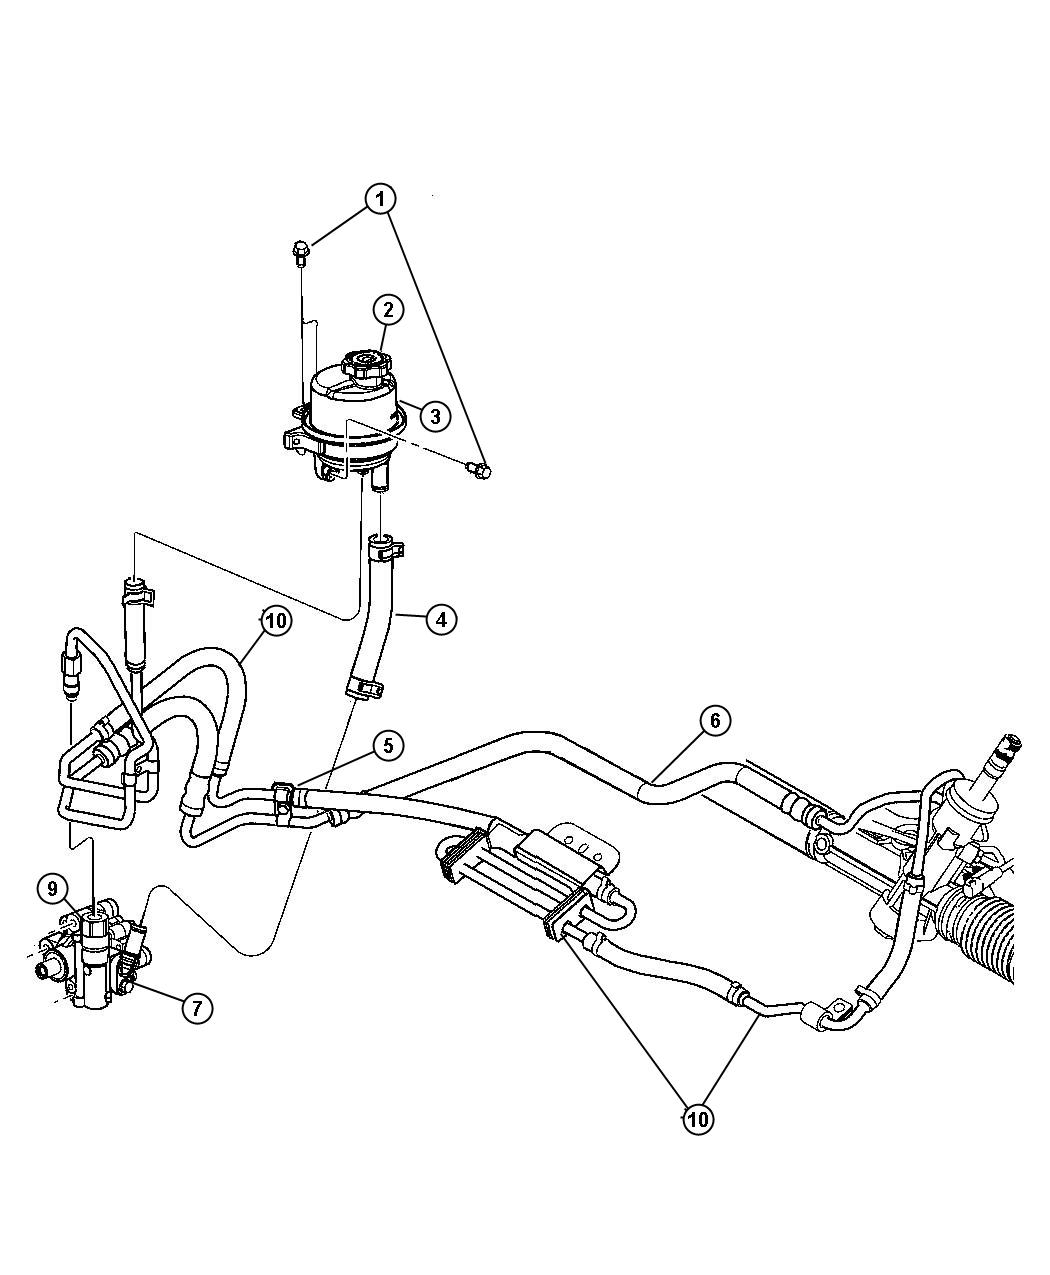 Dodge Avenger Pump Power Steering Assembly